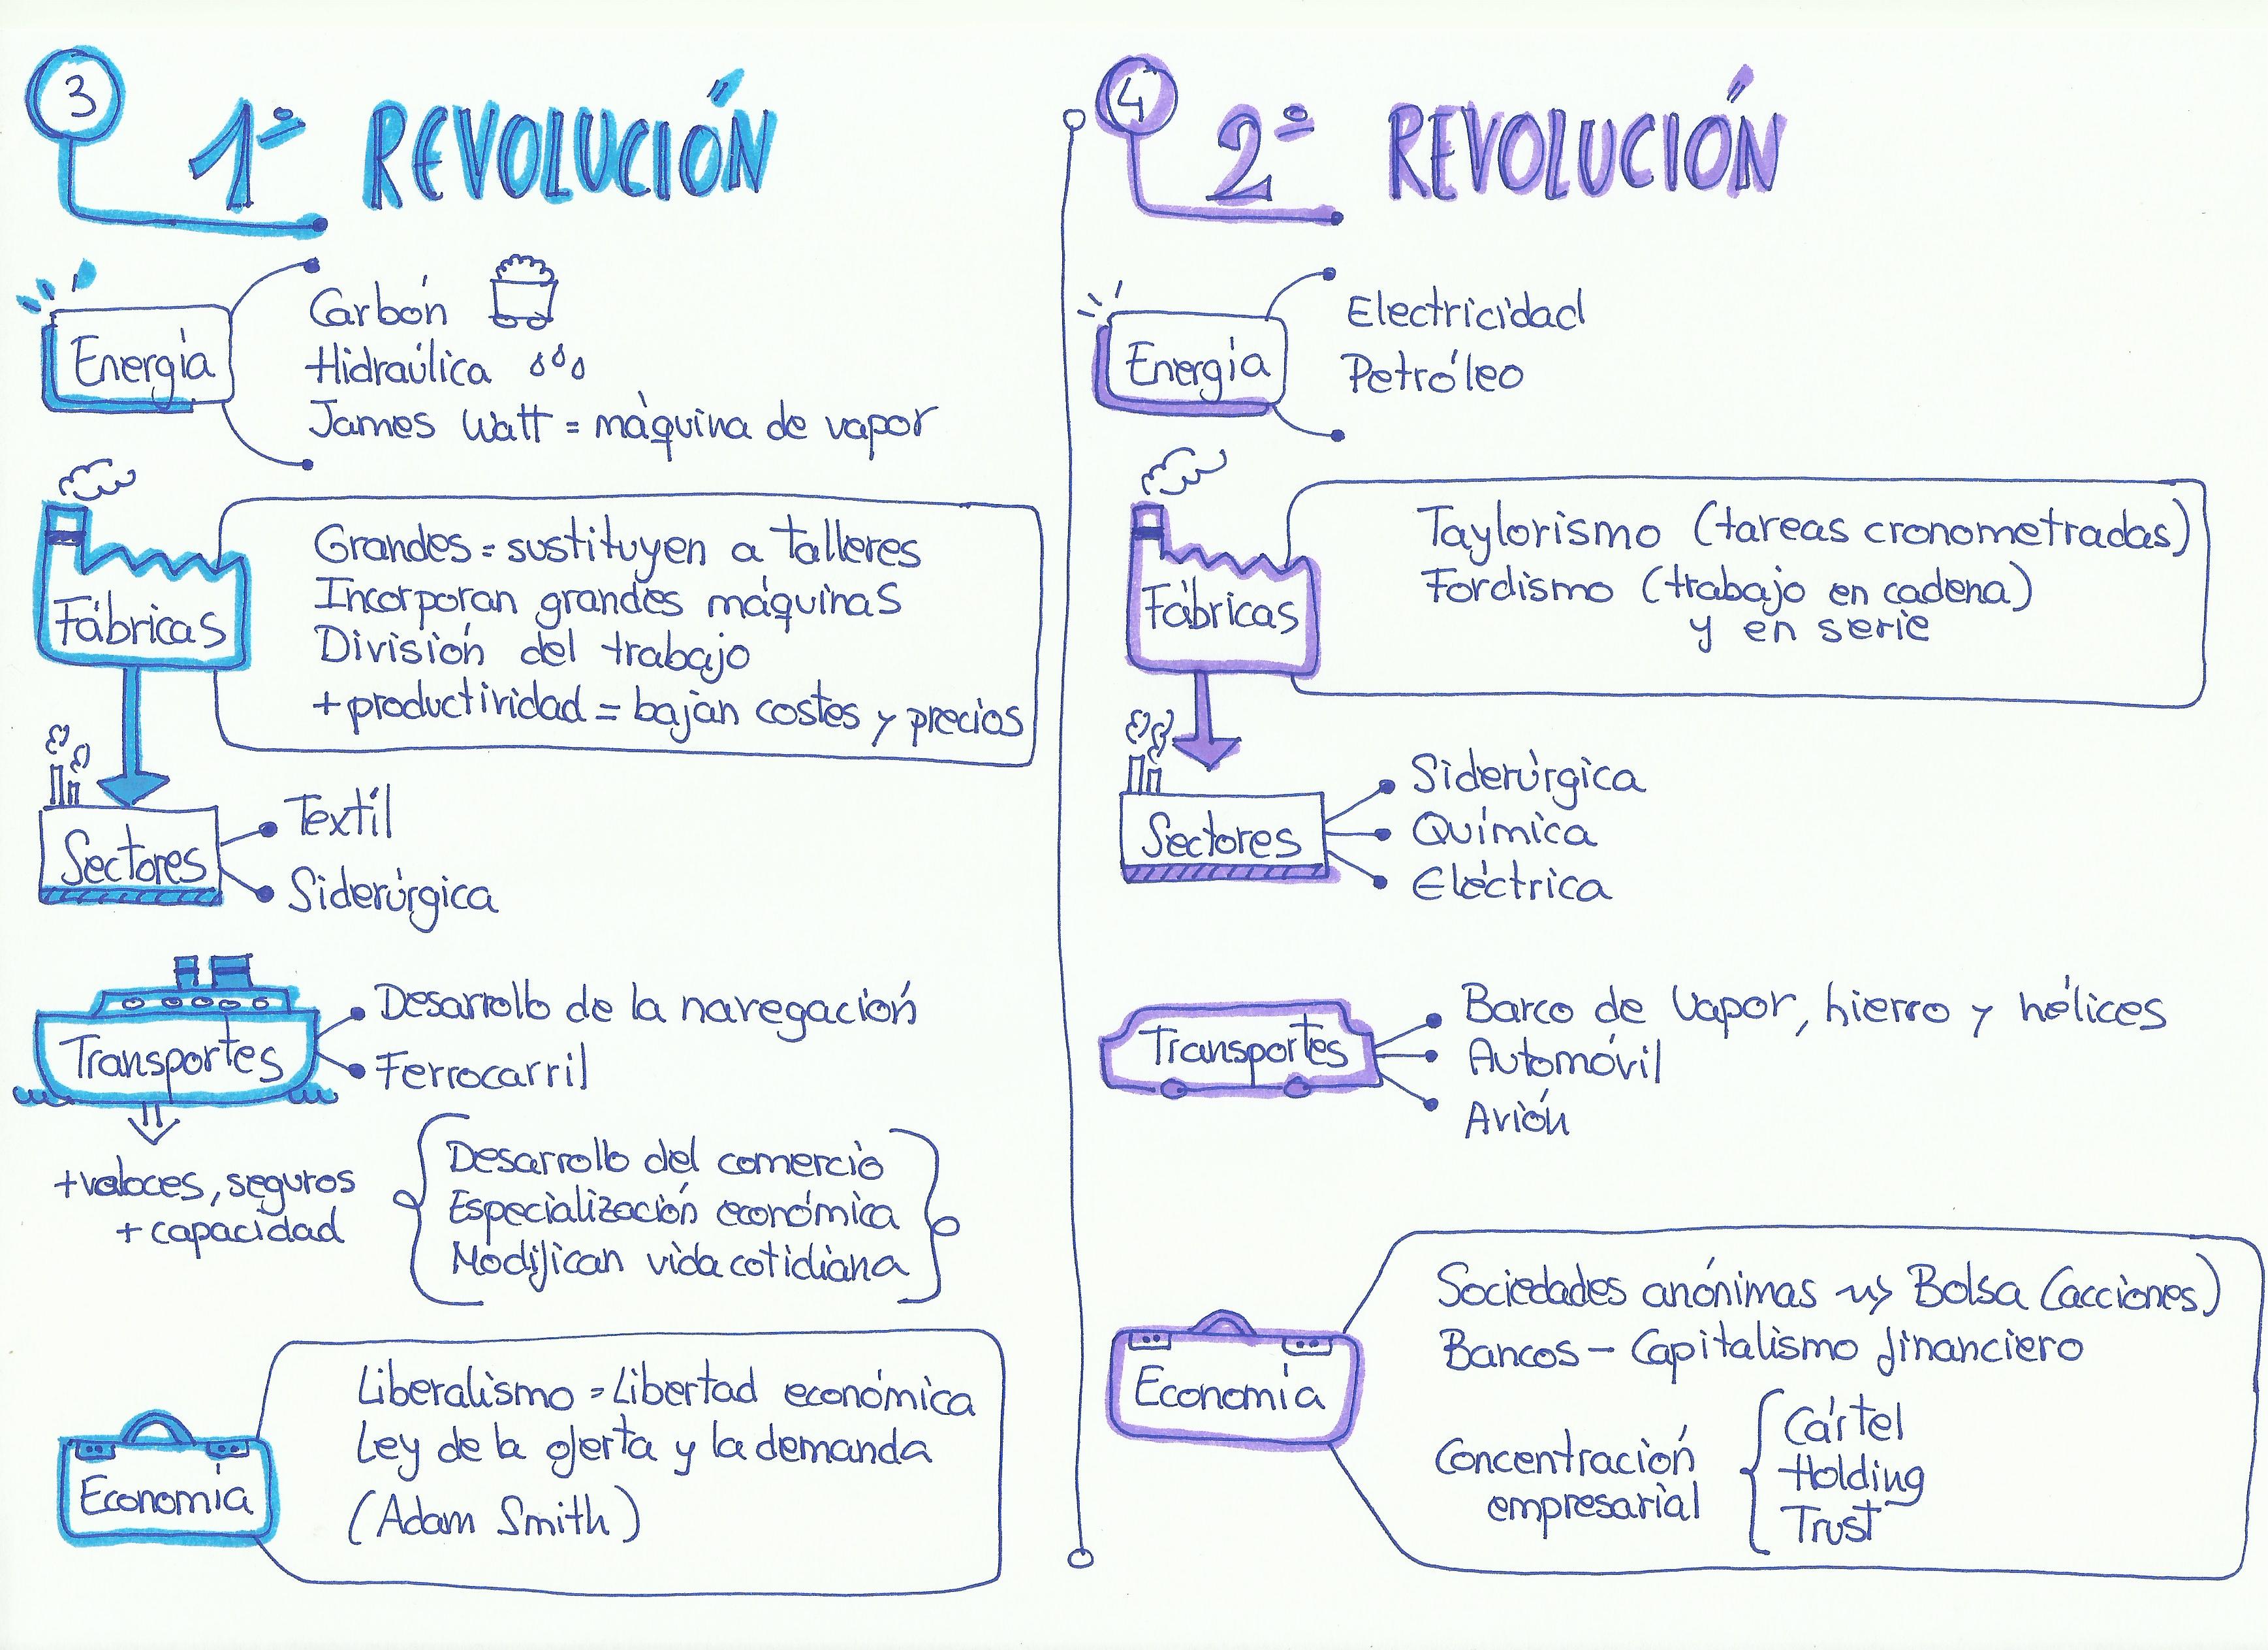 esquema revolucion industrial, primera y segunda